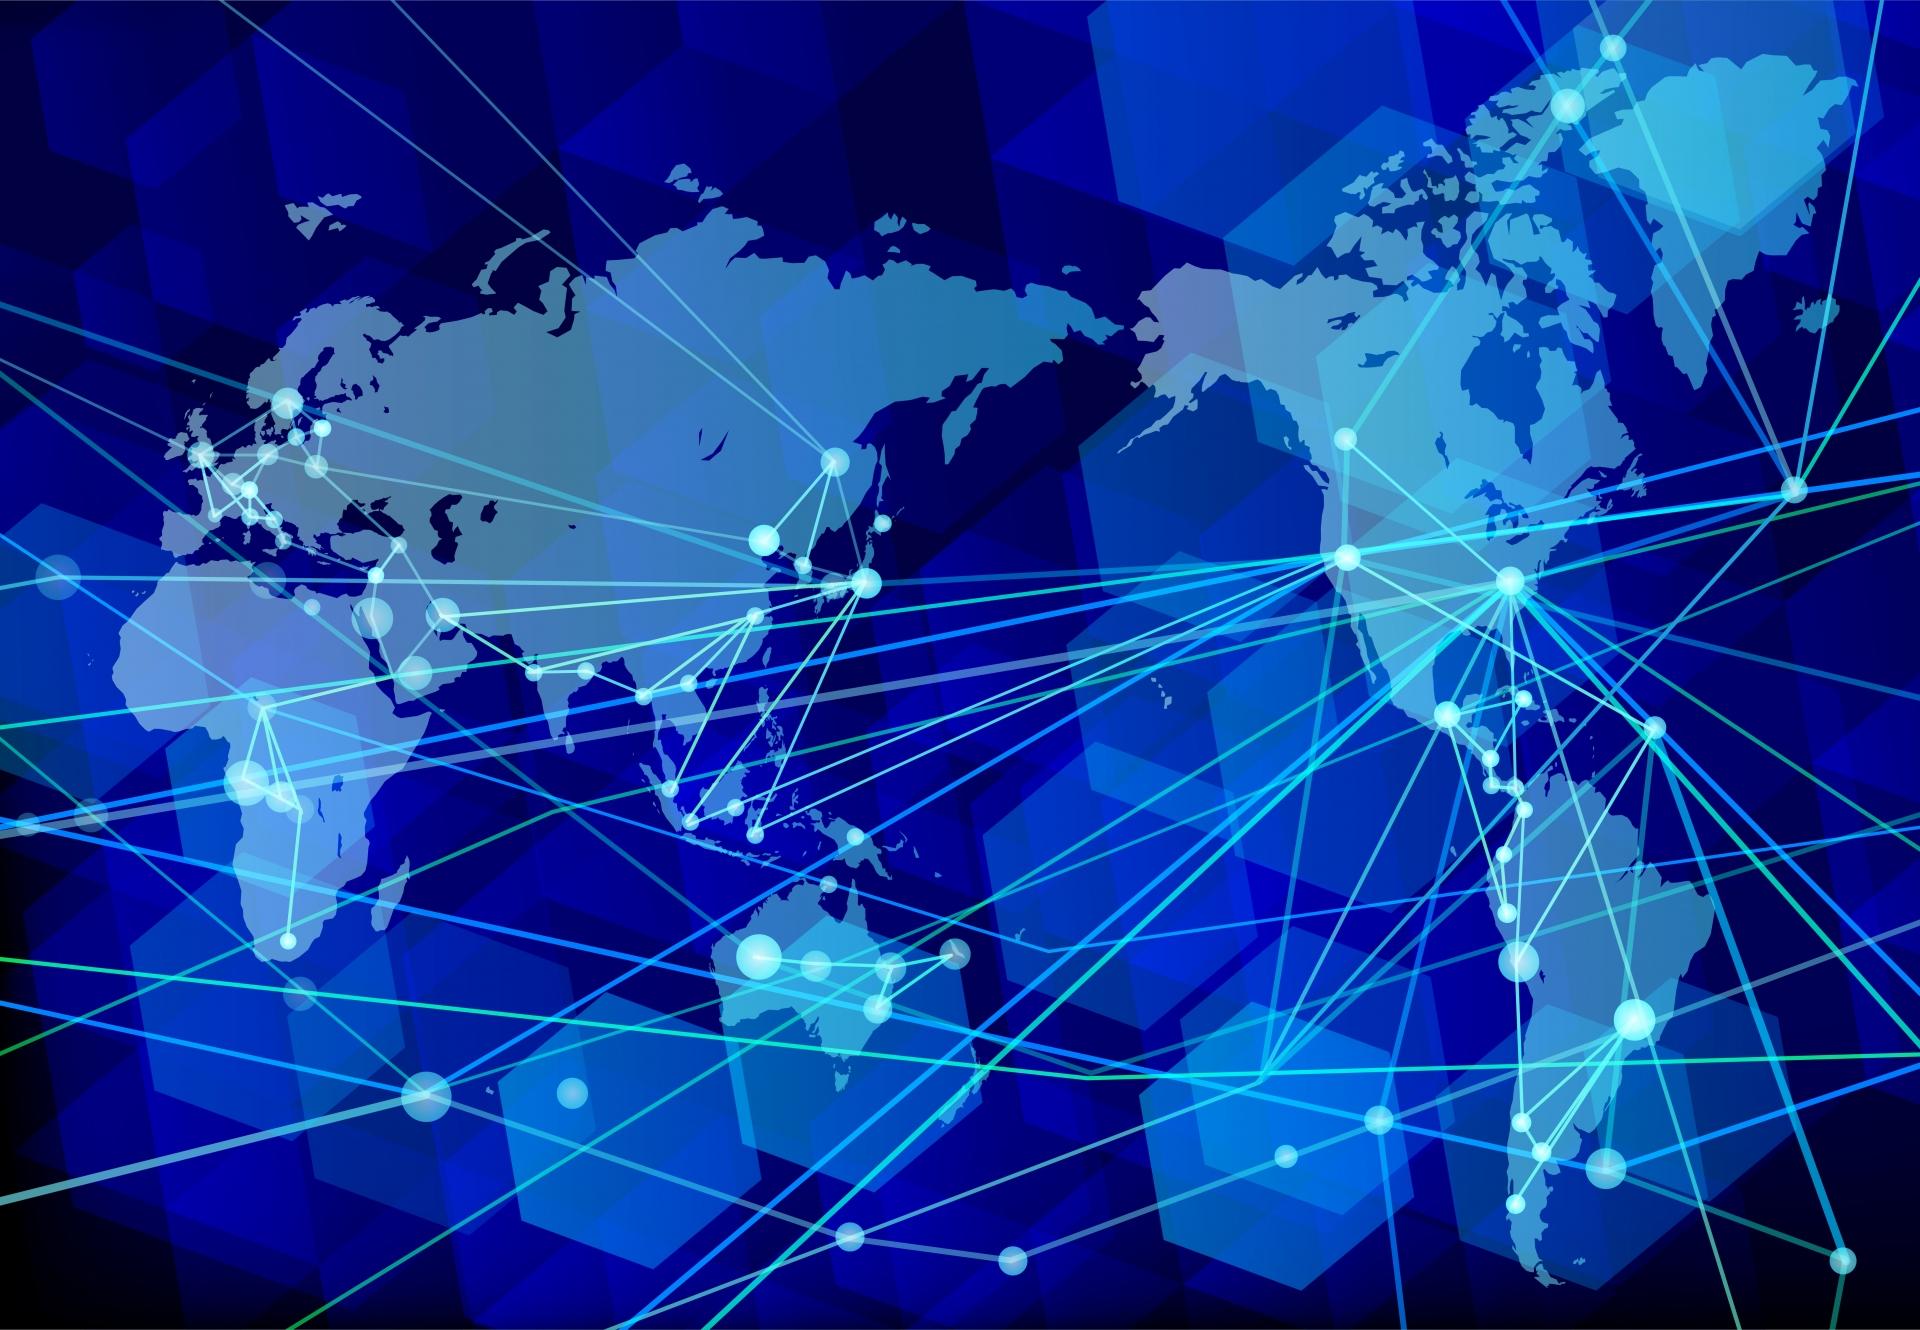 東証が主導する超高速取引への対策